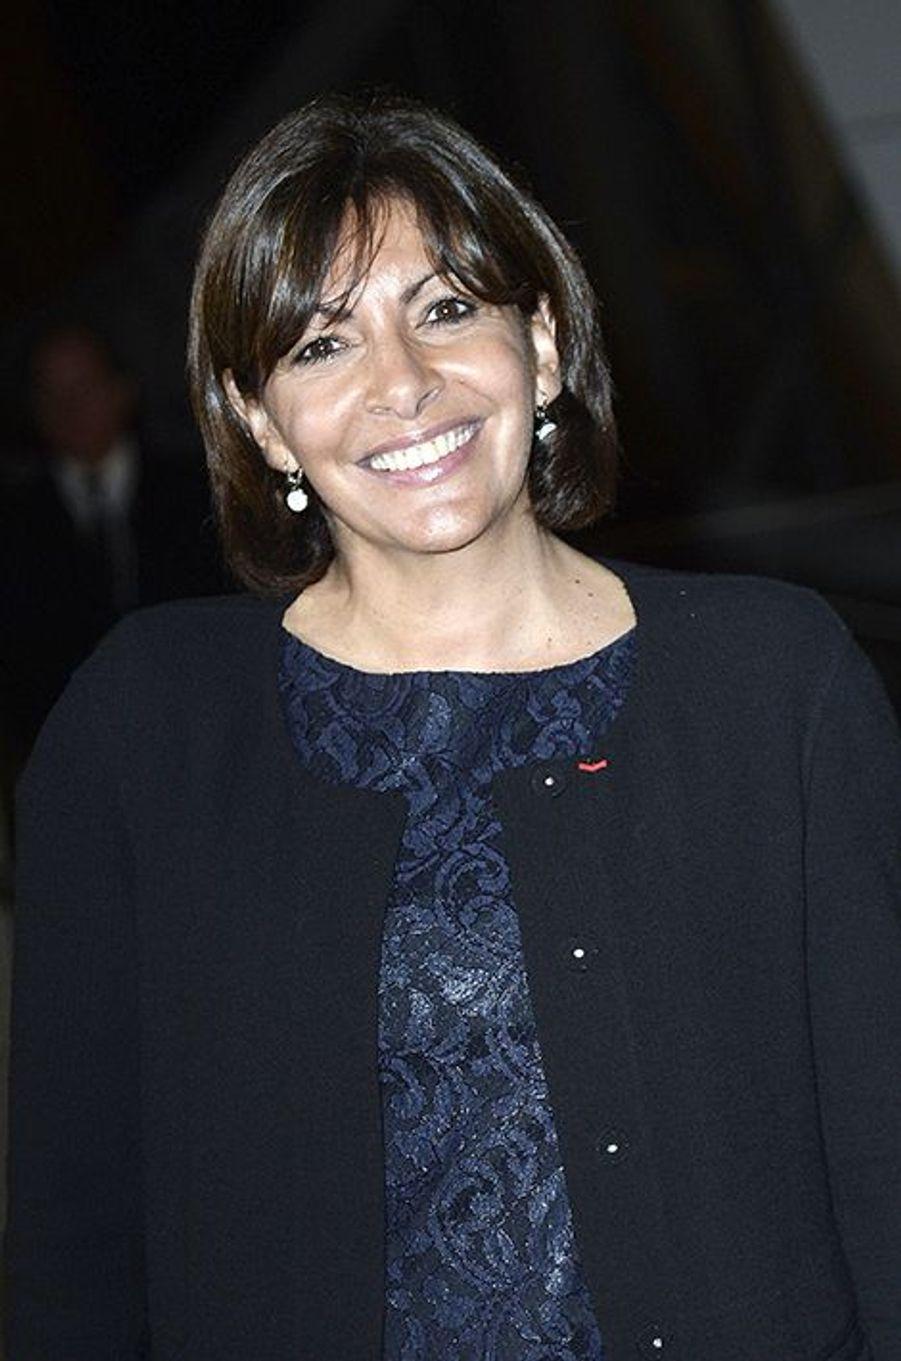 Anne Hidalgo à l'inauguration de la Fondation Louis Vuitton le 20 octobre 2014 à Paris